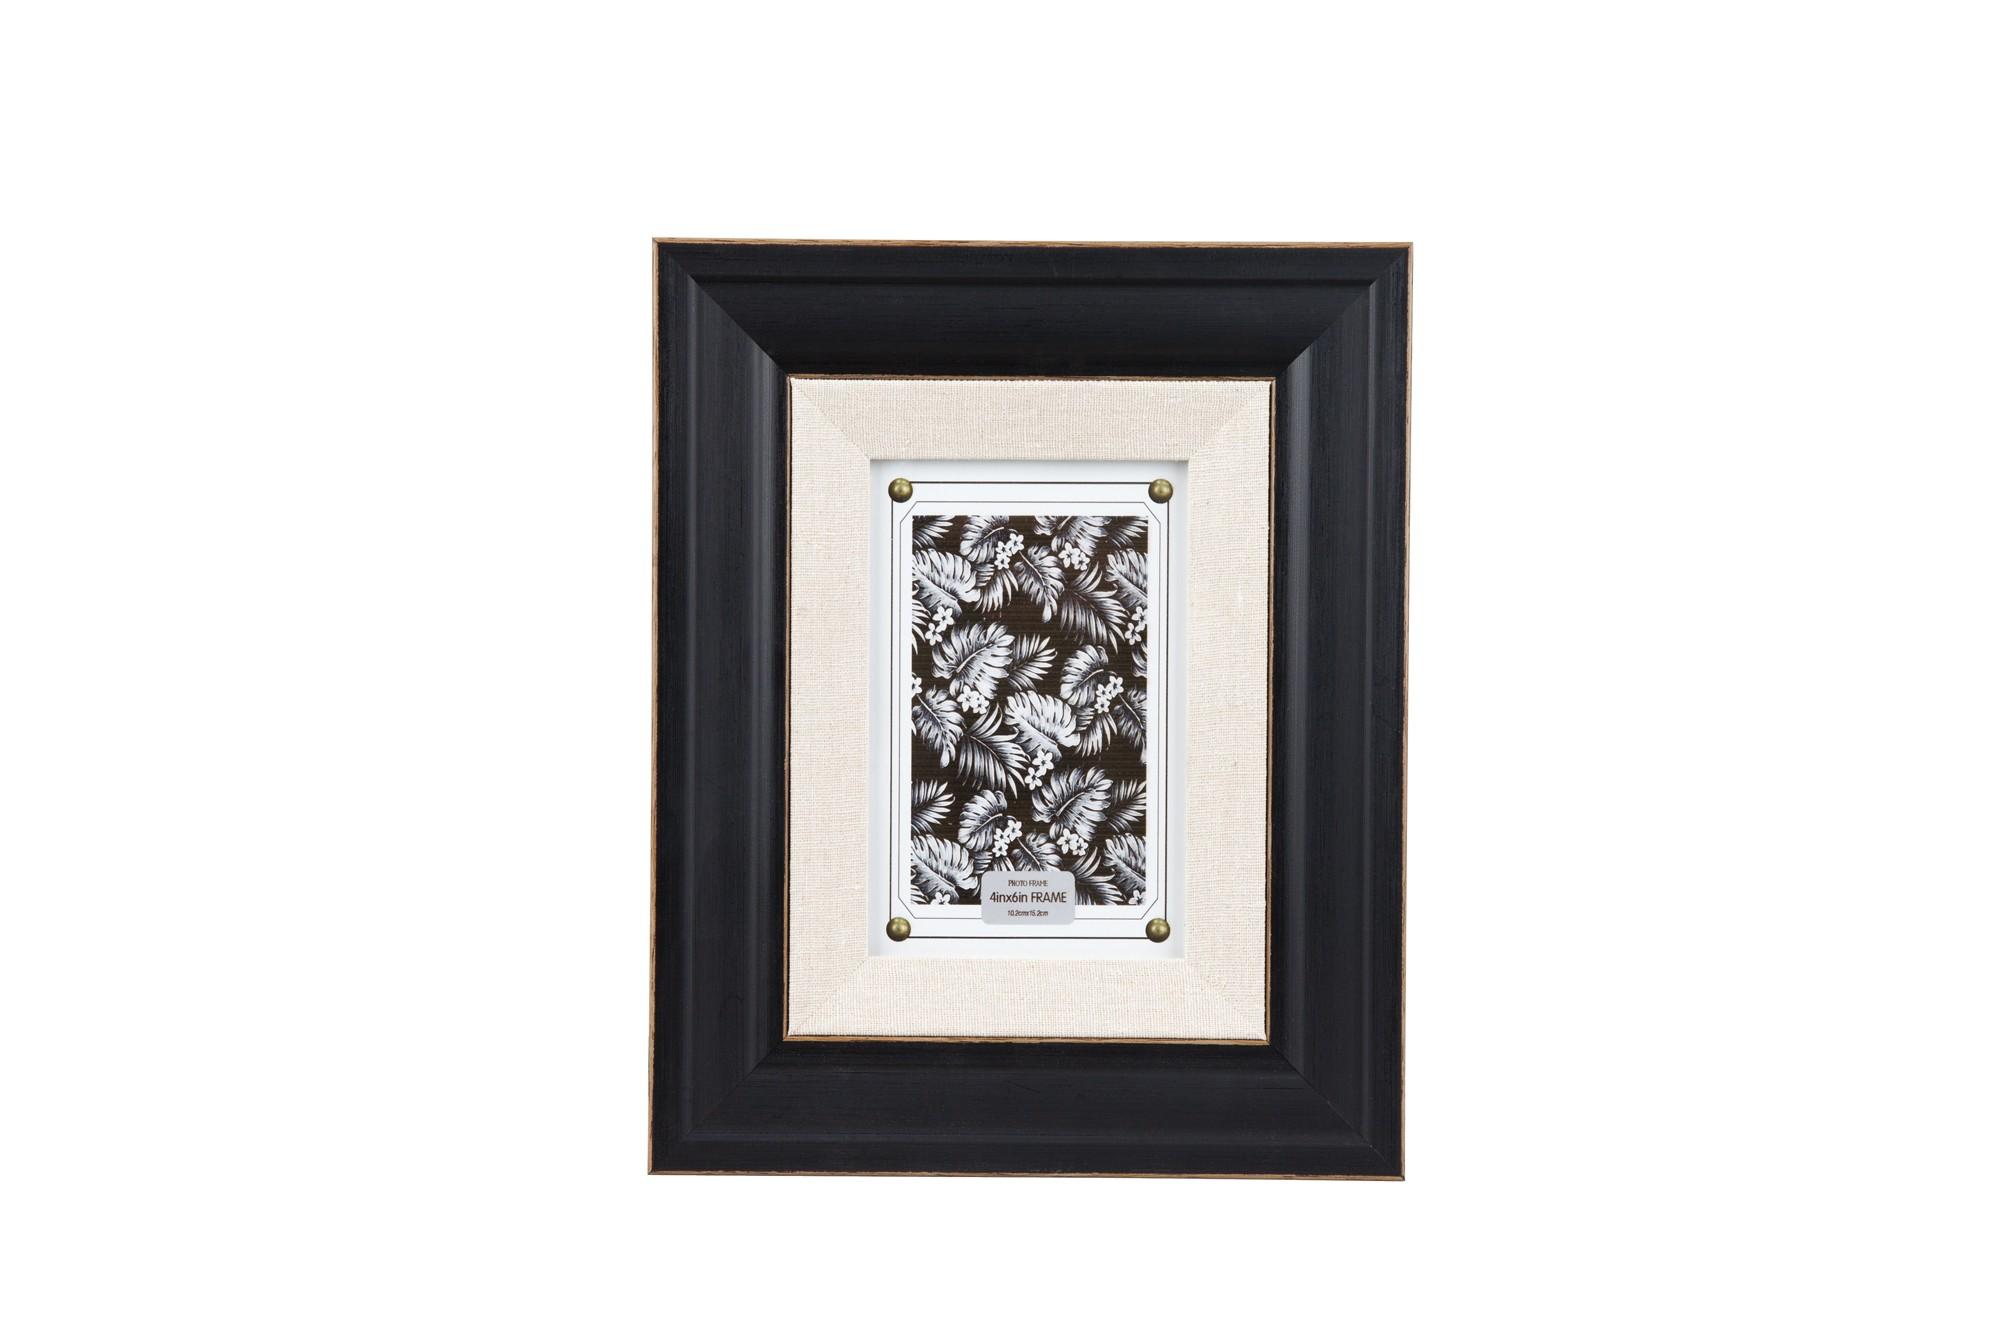 Κορνίζα Ξύλινη Καφέ Σκούρο 10X15 Trimar home   κρυσταλλα  διακοσμηση   κορνίζες